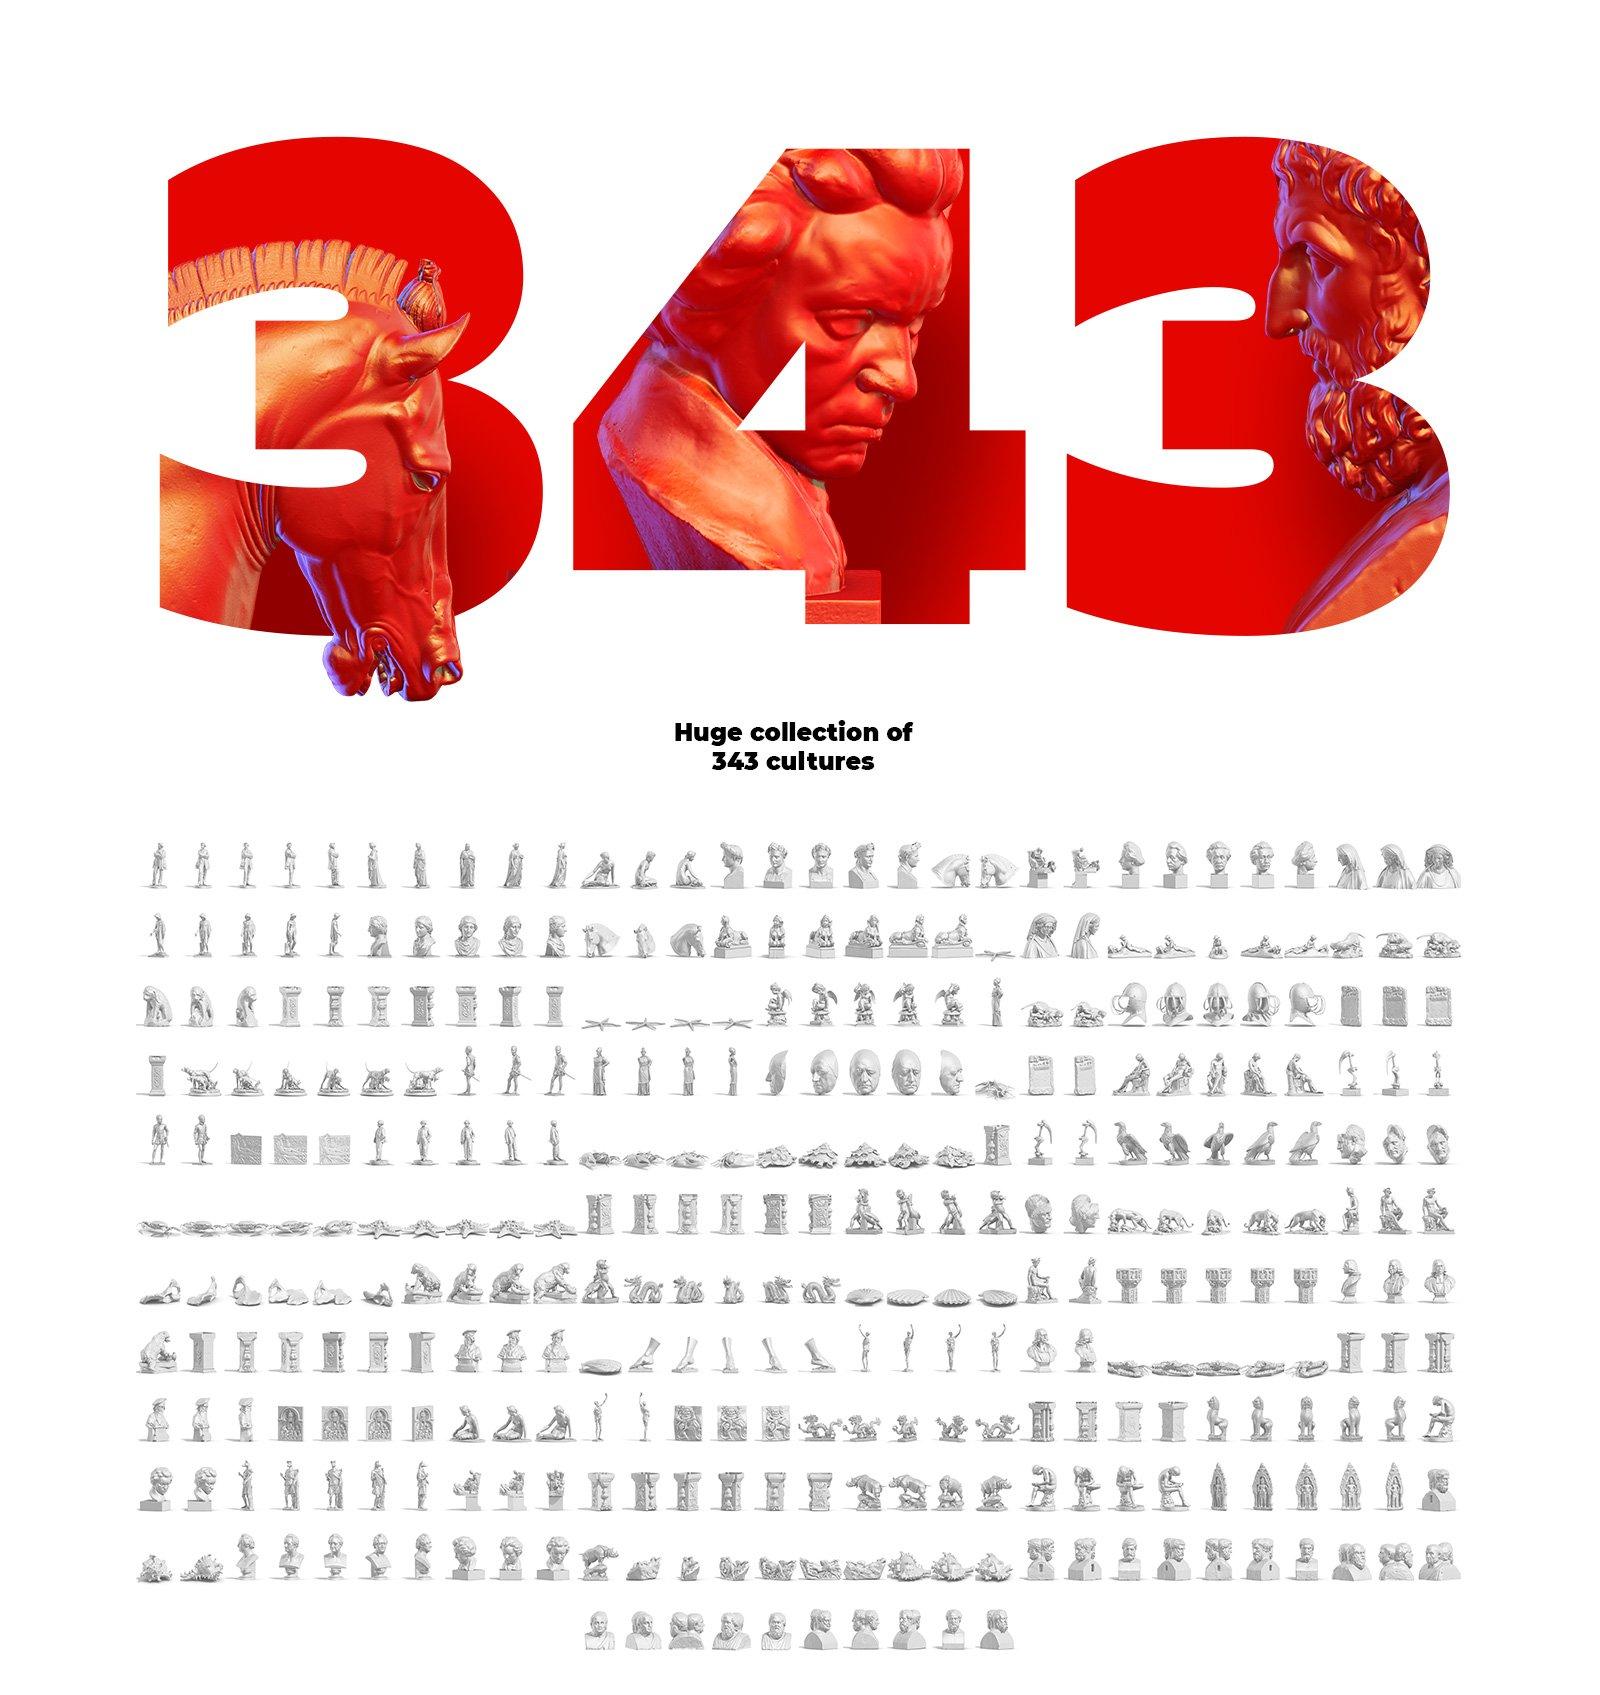 [淘宝购买] 343款复古蒸汽波艺术人物动物石膏雕像模型PS素材源文件 343 Sculptures Mockup插图(2)